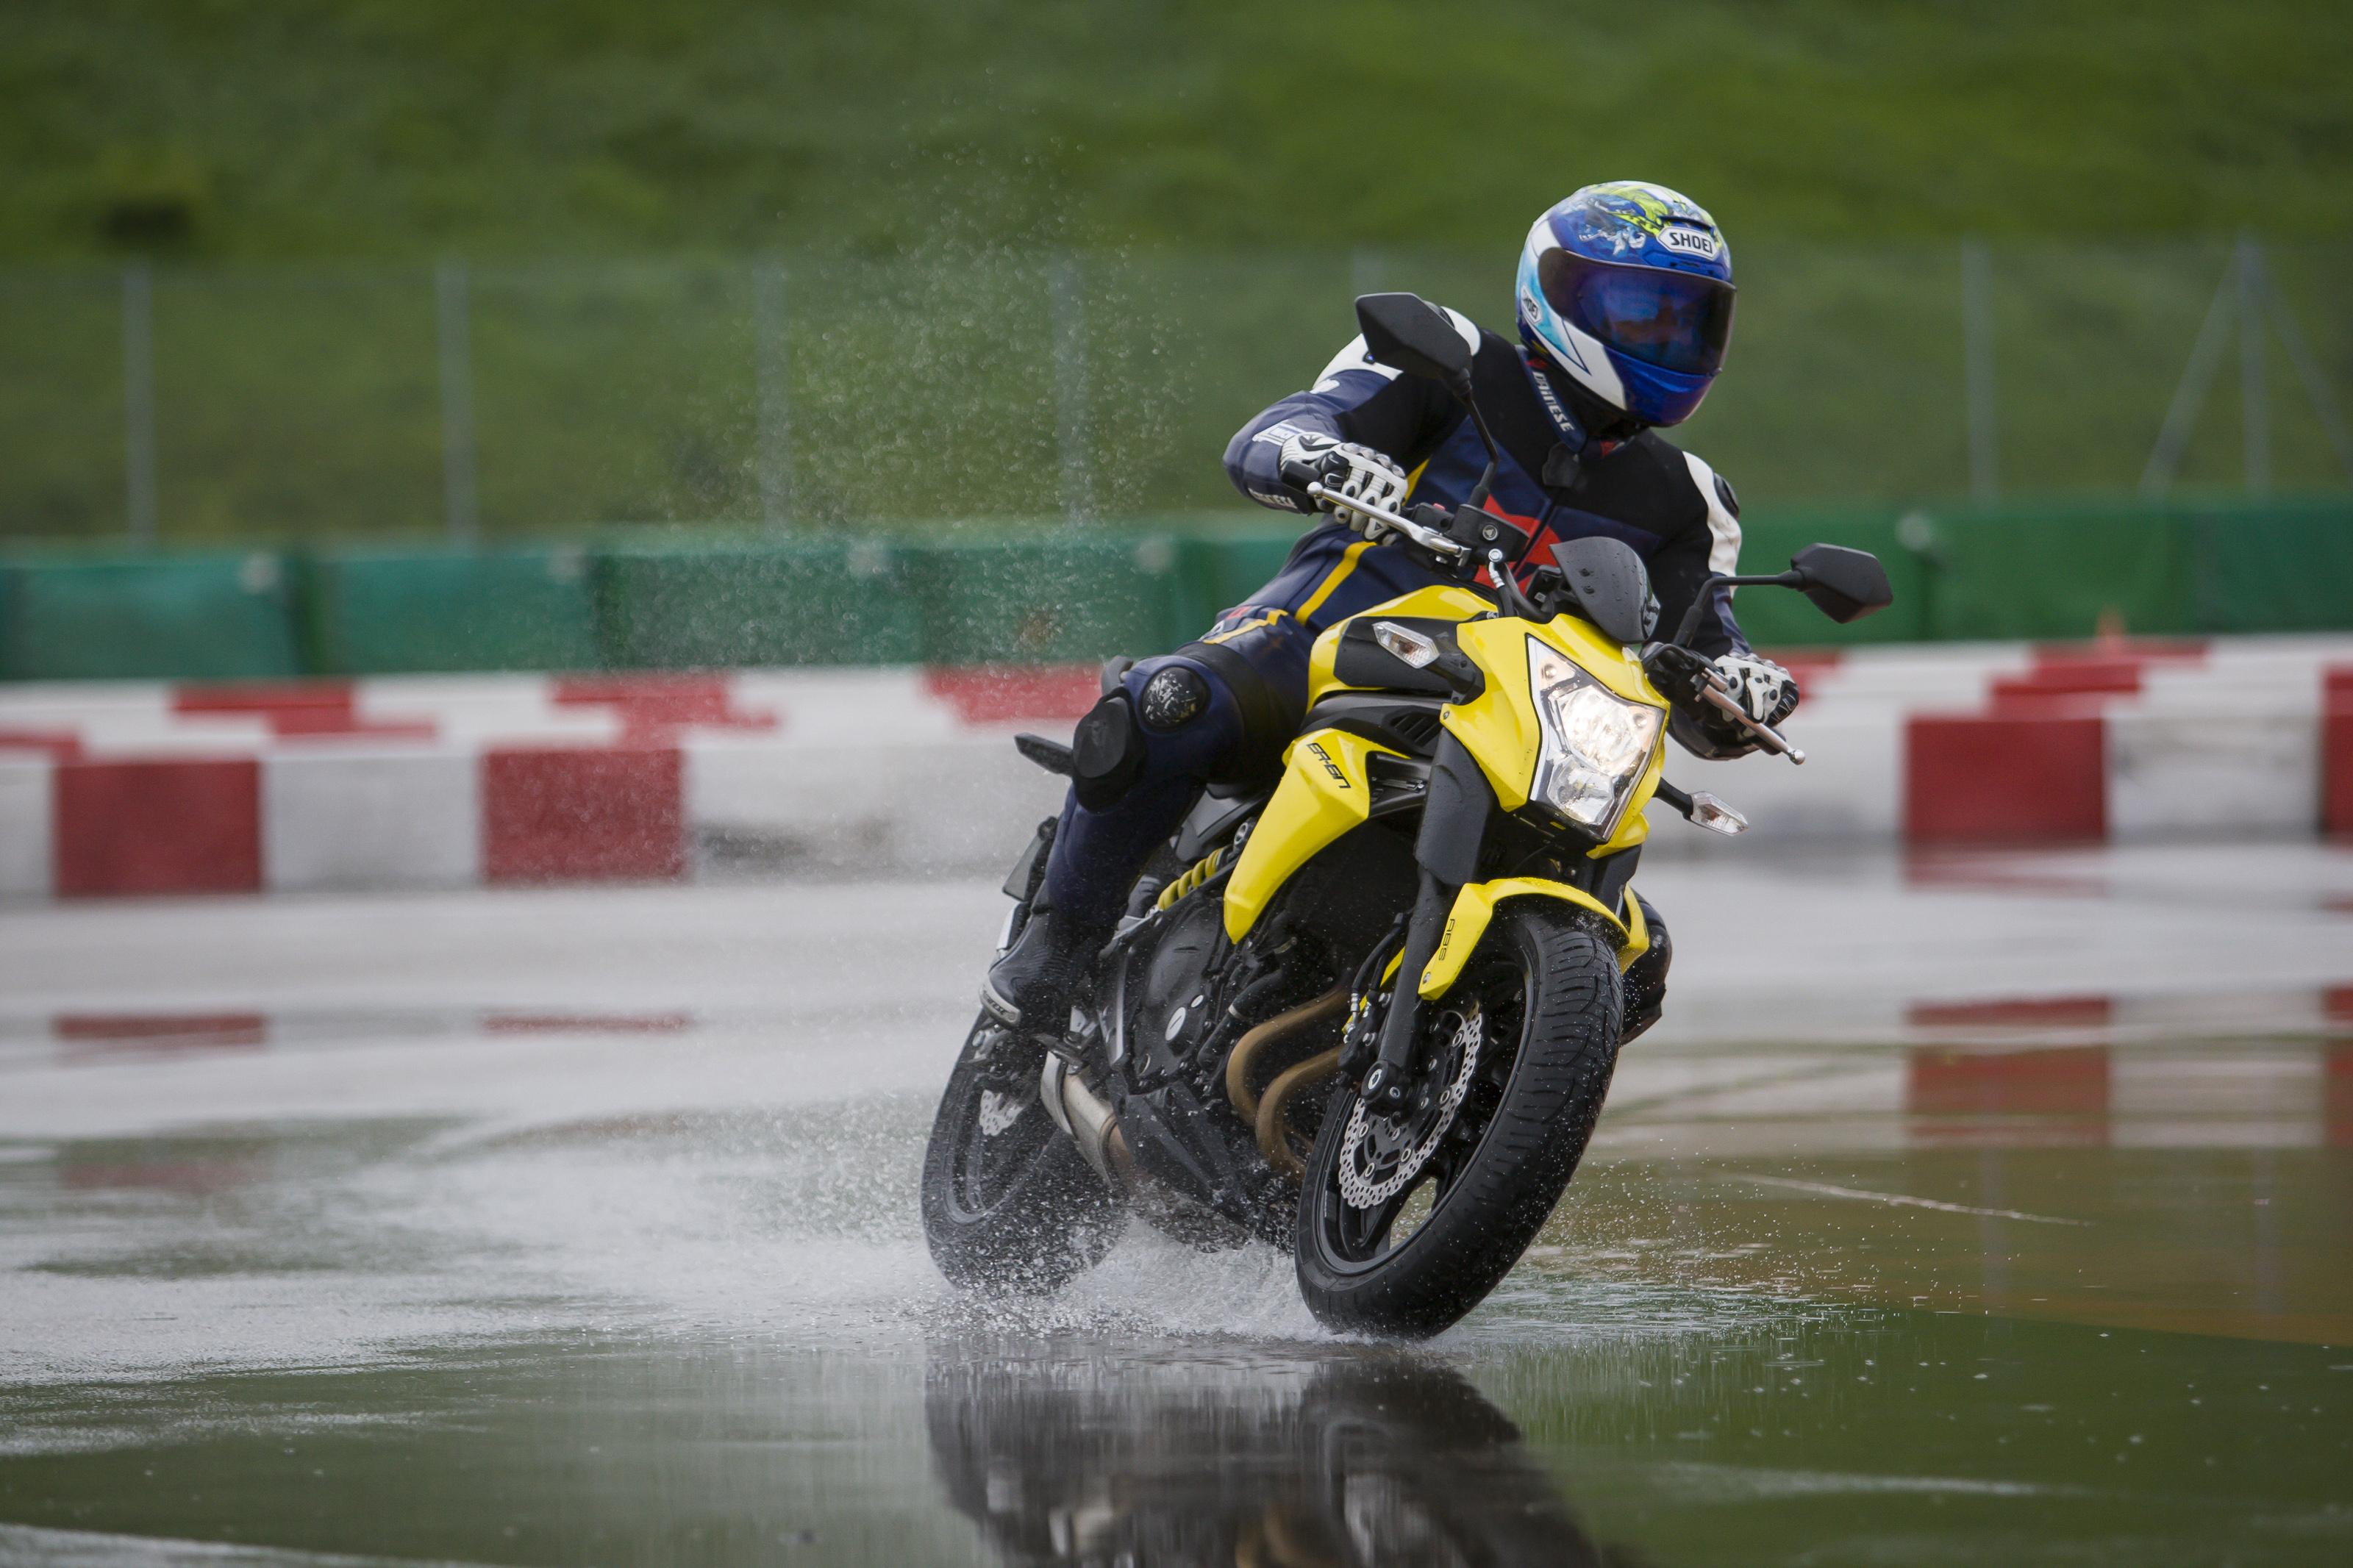 Michelin Pilot Sport >> MICHELIN Pilot Road 4 - Michelin espacio prensa